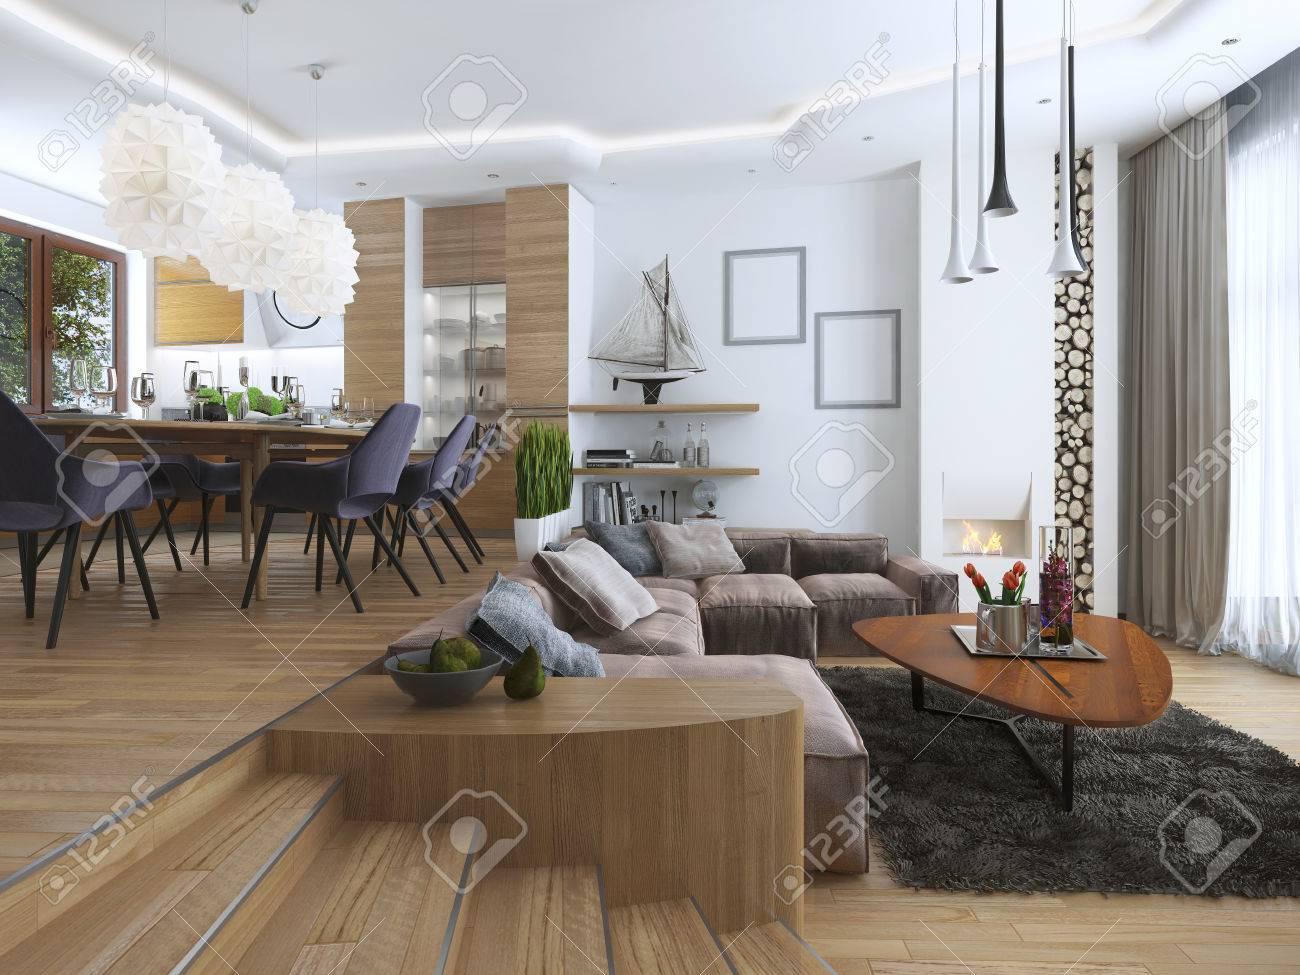 Studio Avec Salon Et Salle A Manger Dans Un Style Contemporain